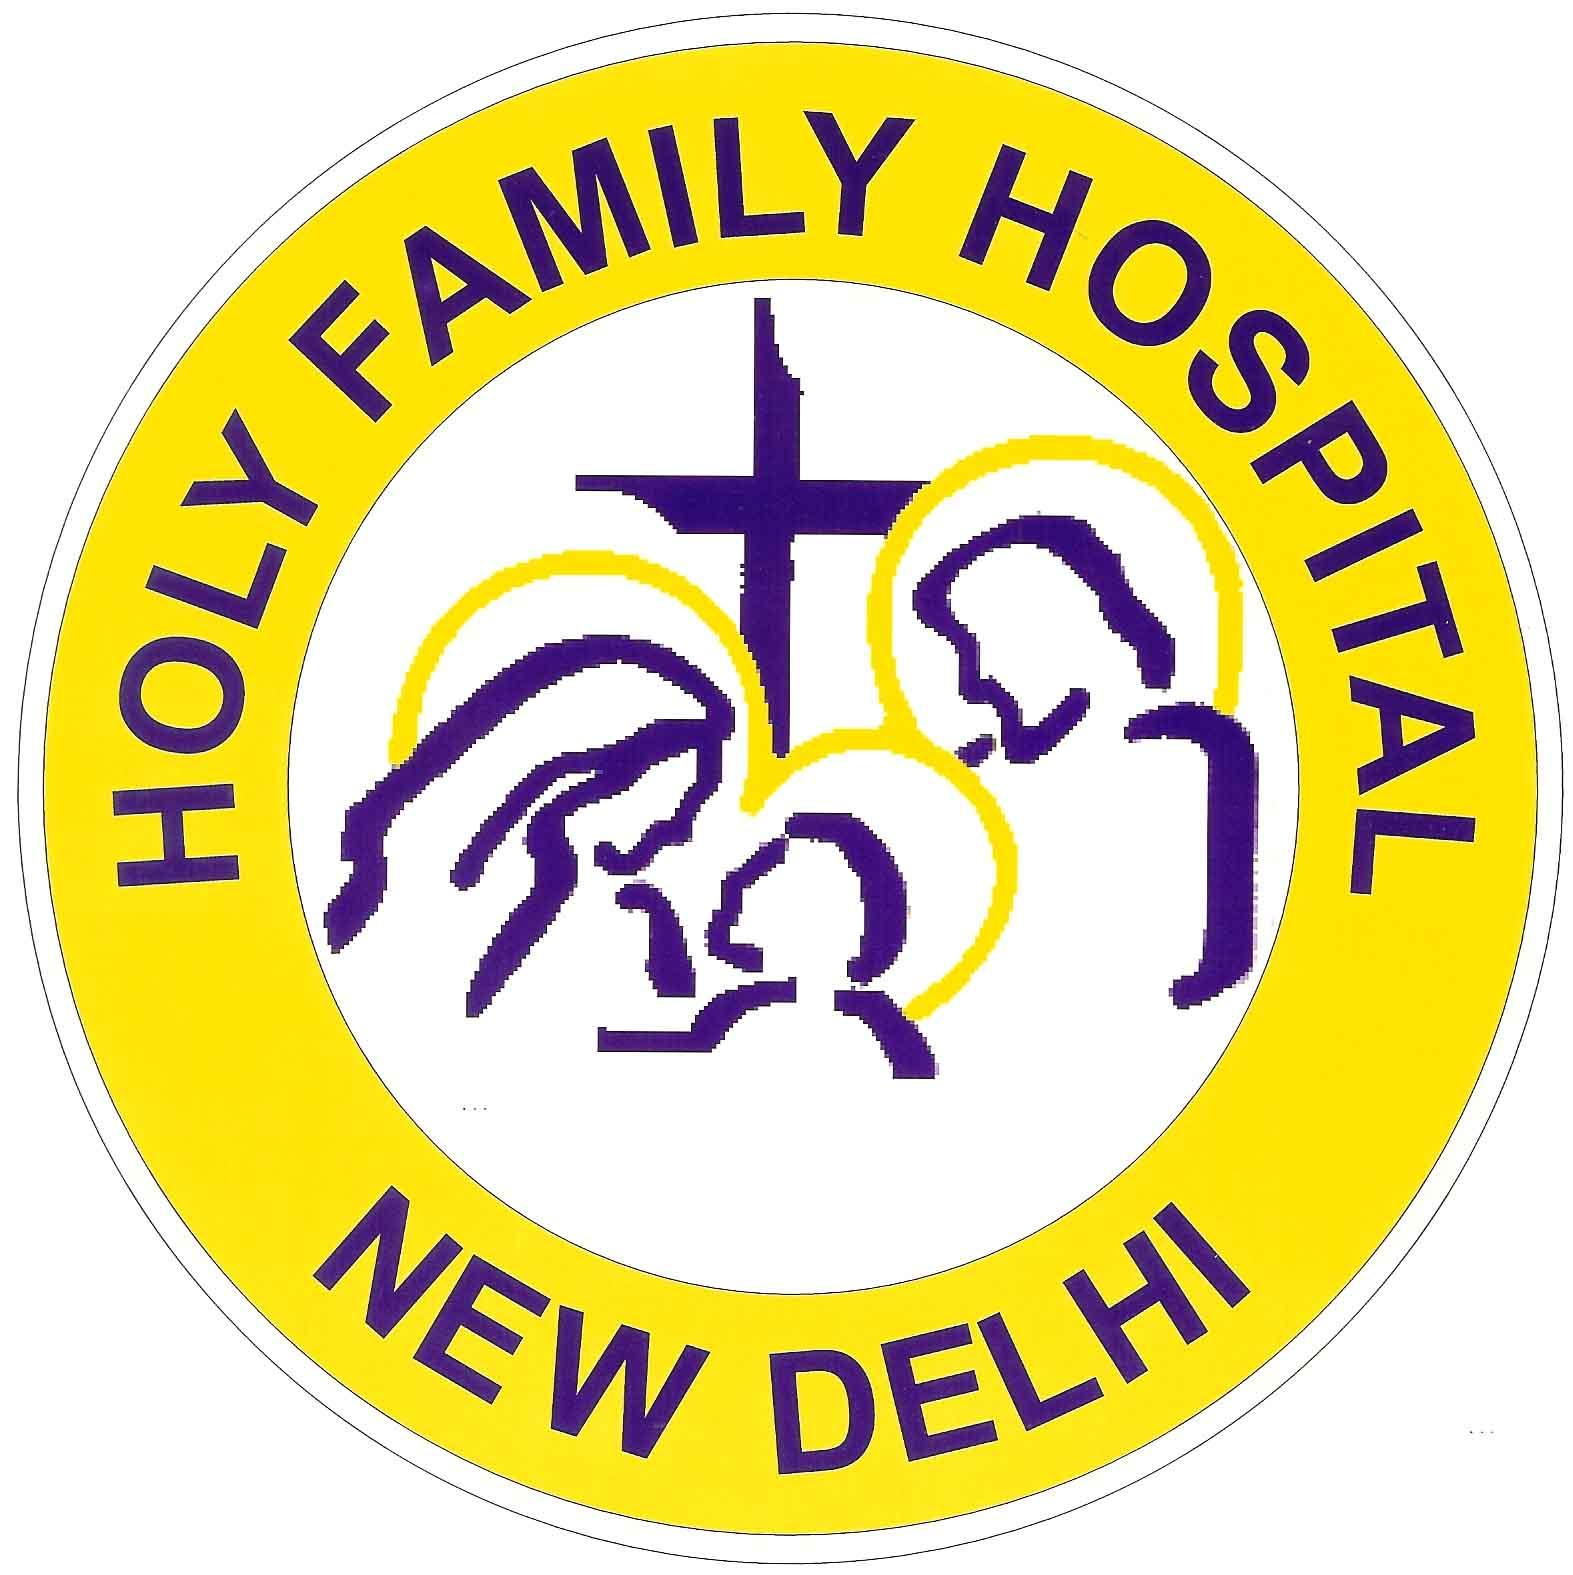 Holy Family Hospital College Of Nursing, New Delhi